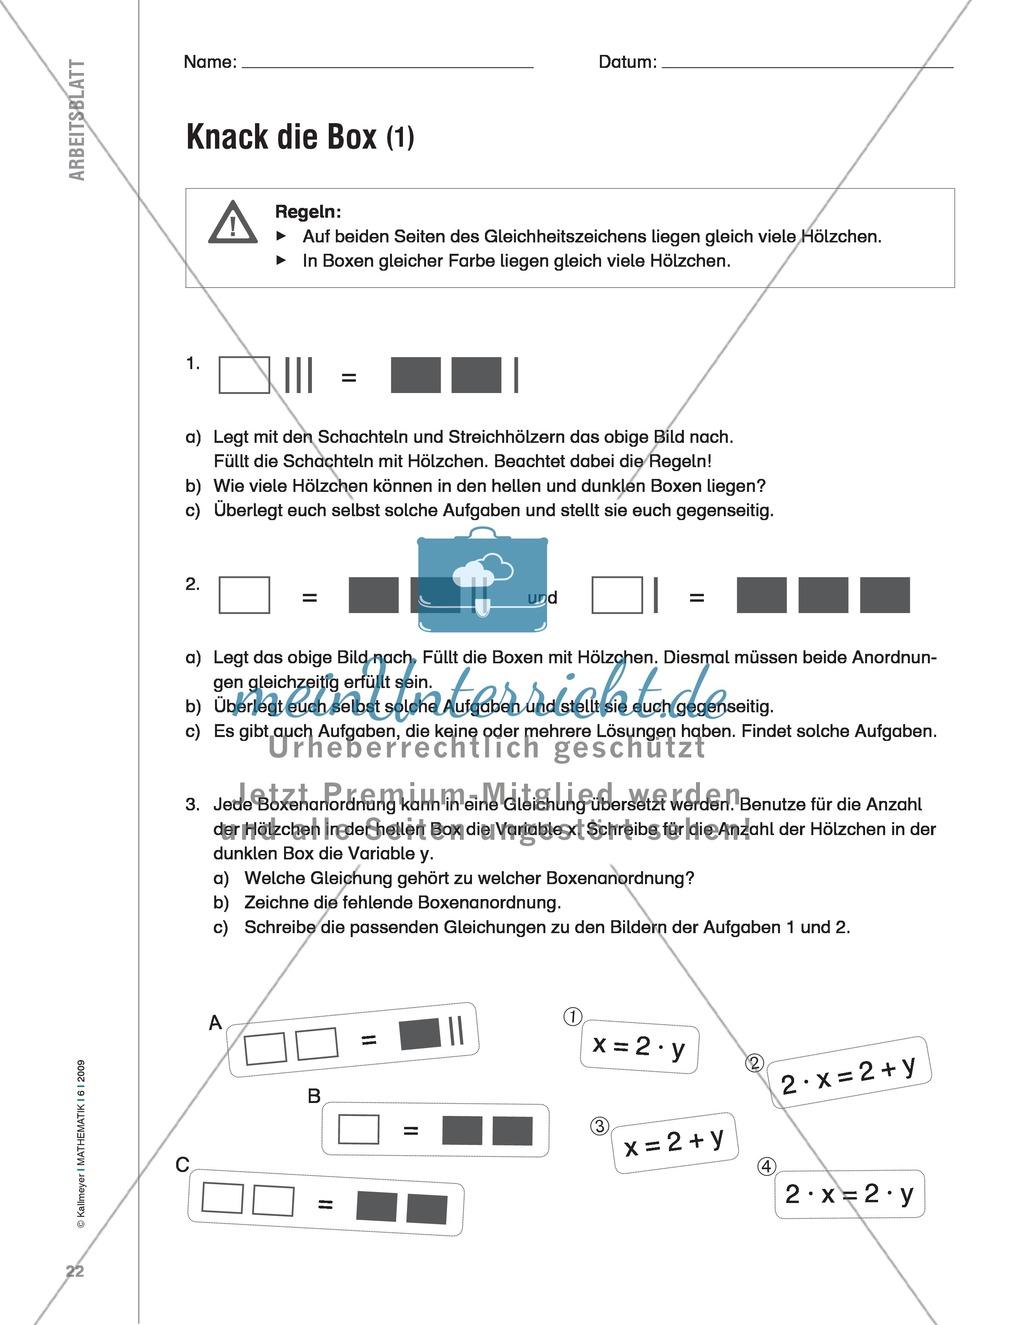 Handlungsorientierte Aufgabe zur Berechnung von Gleichungen mit ...